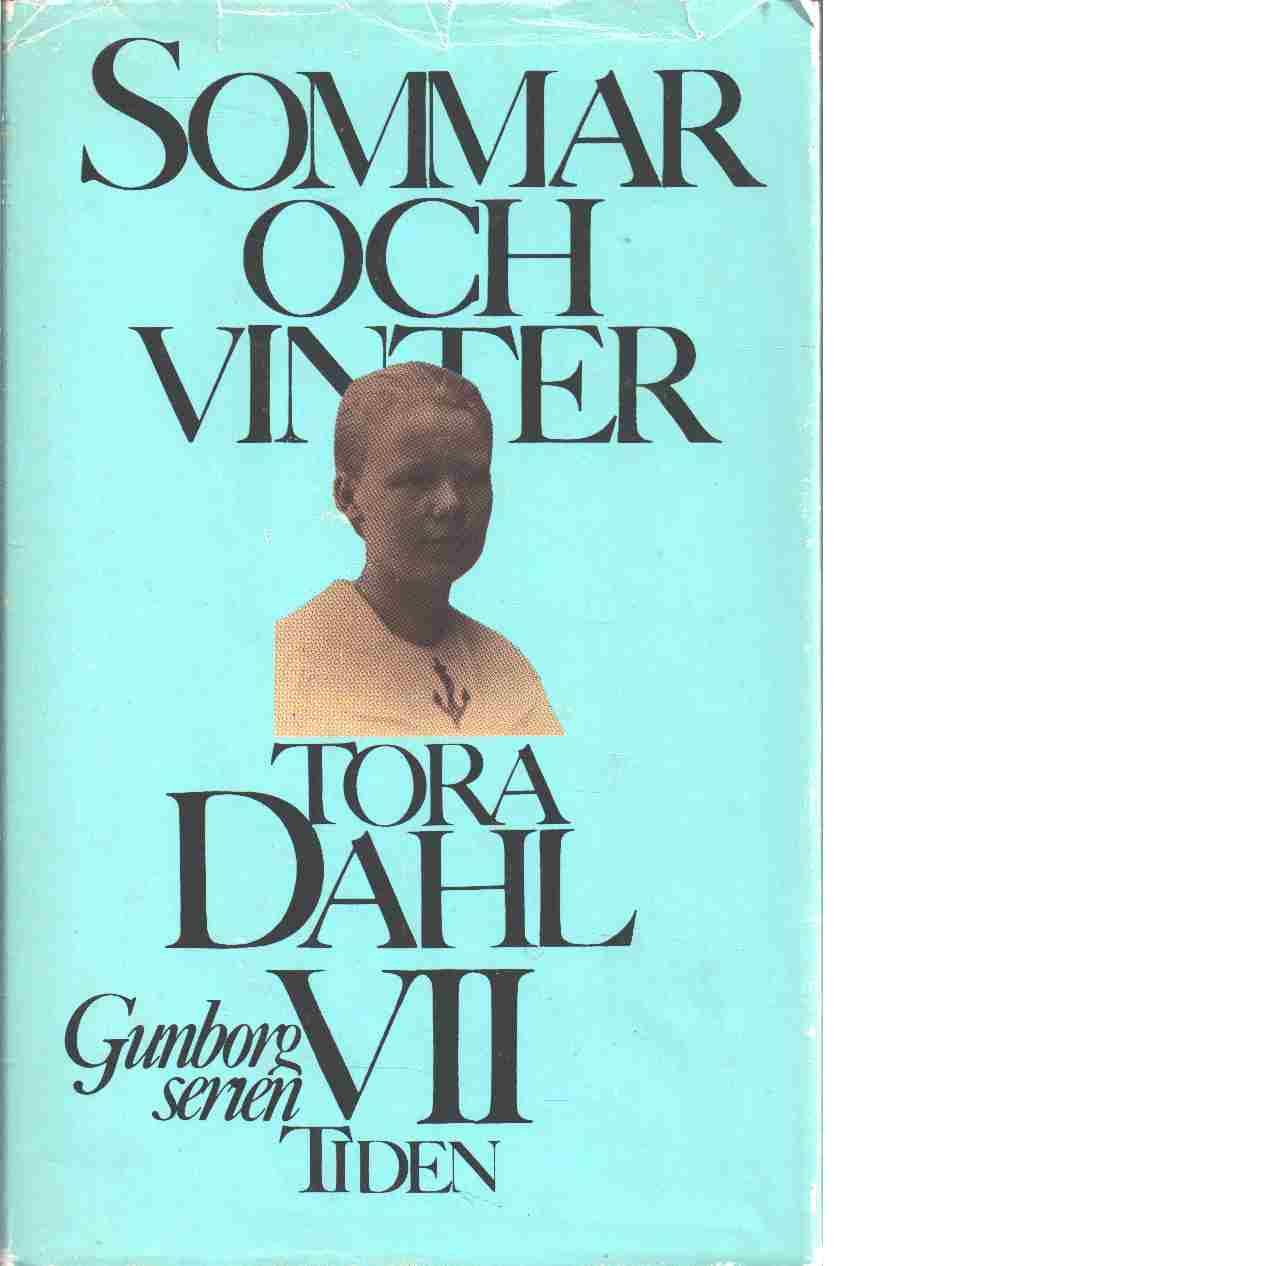 Sommar och vinter - Dahl, Tora